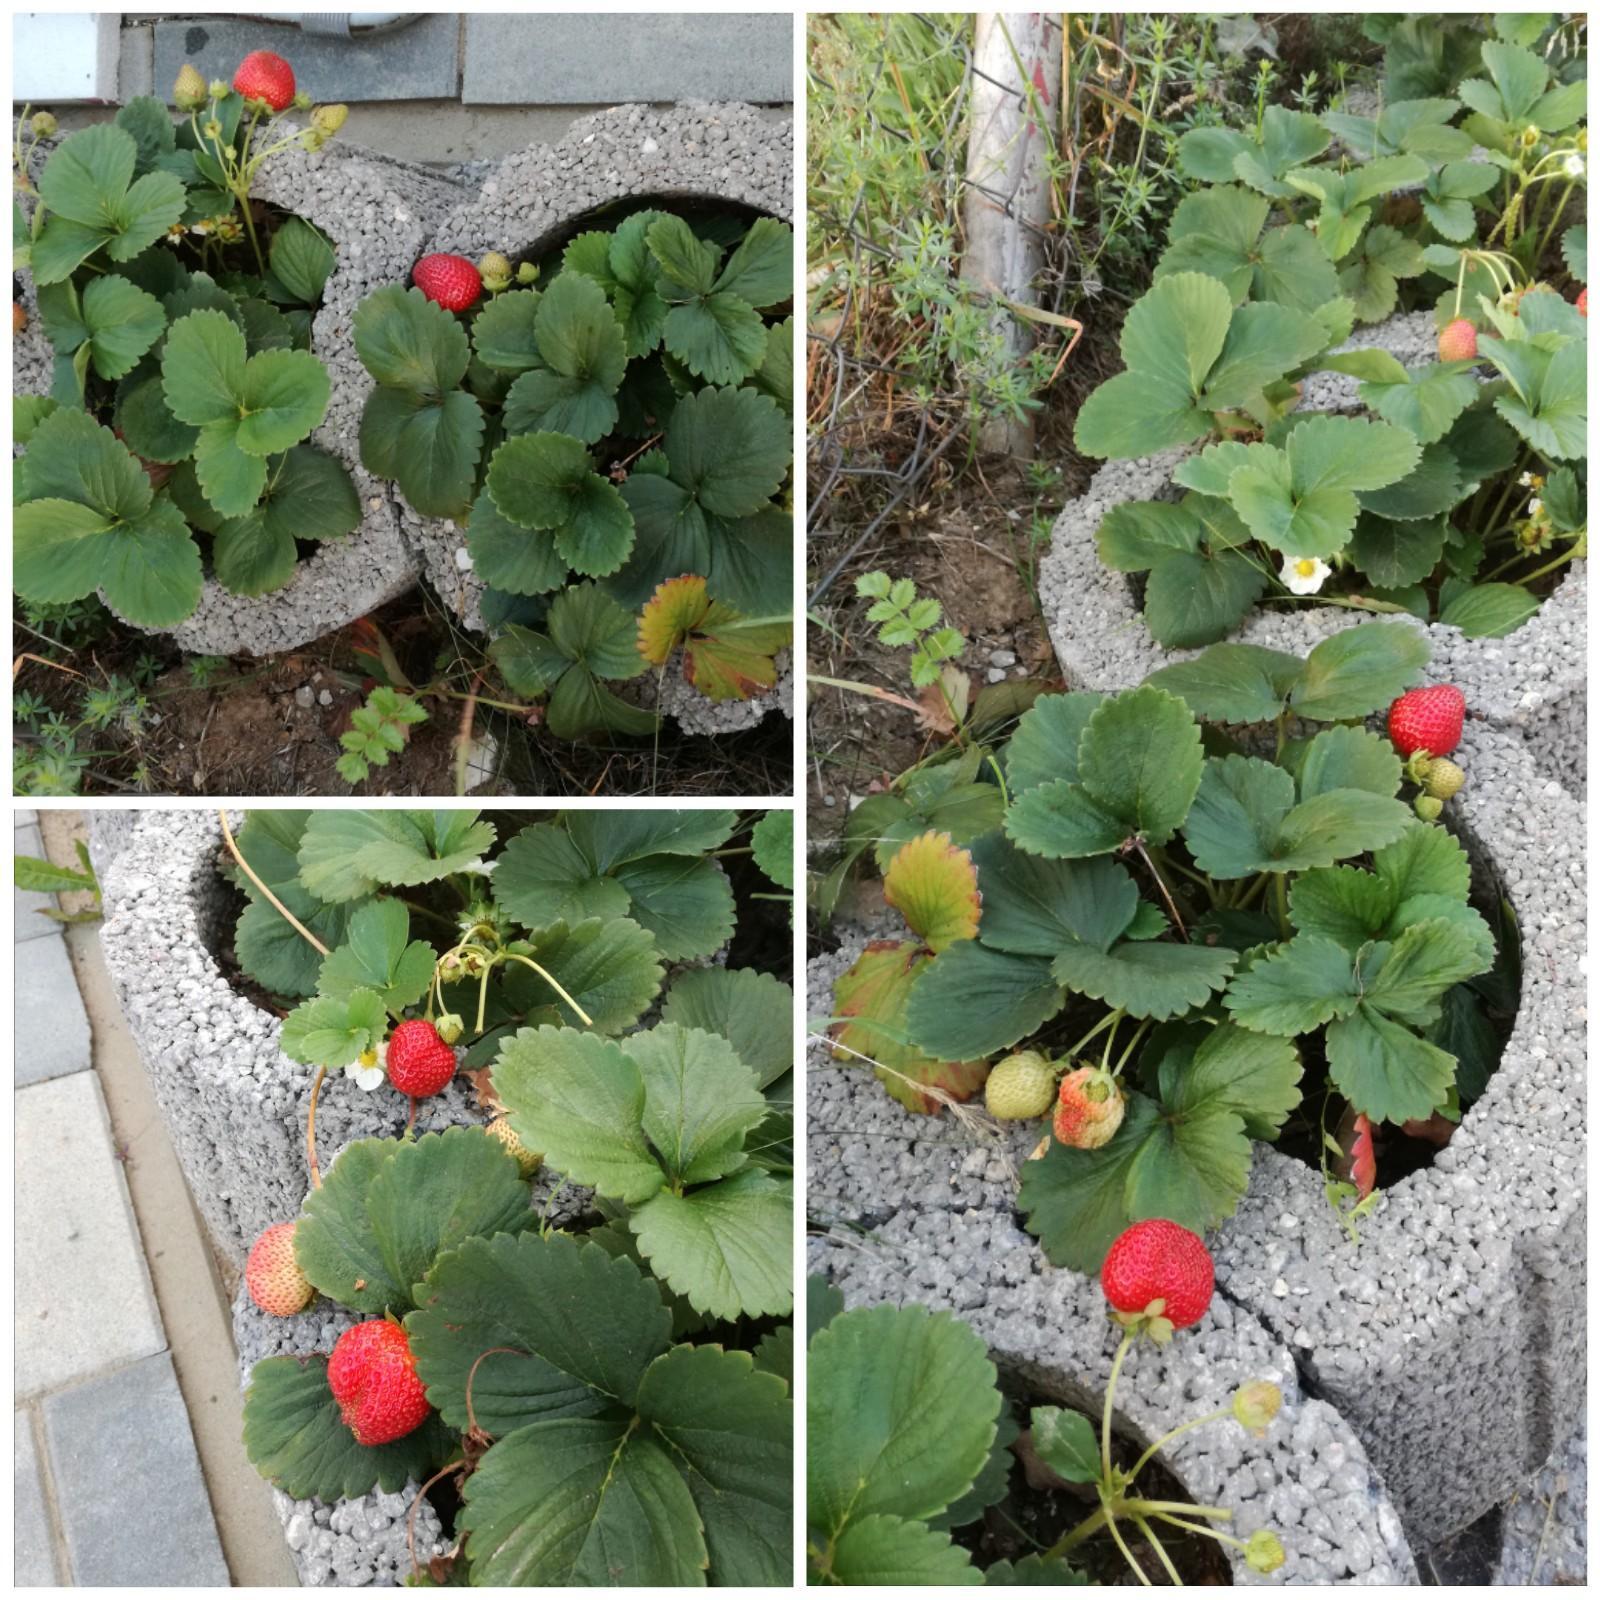 Domček na kopčeku - Zajtra prvého augusta a aké máme zasypané jahody a kopec v kvete